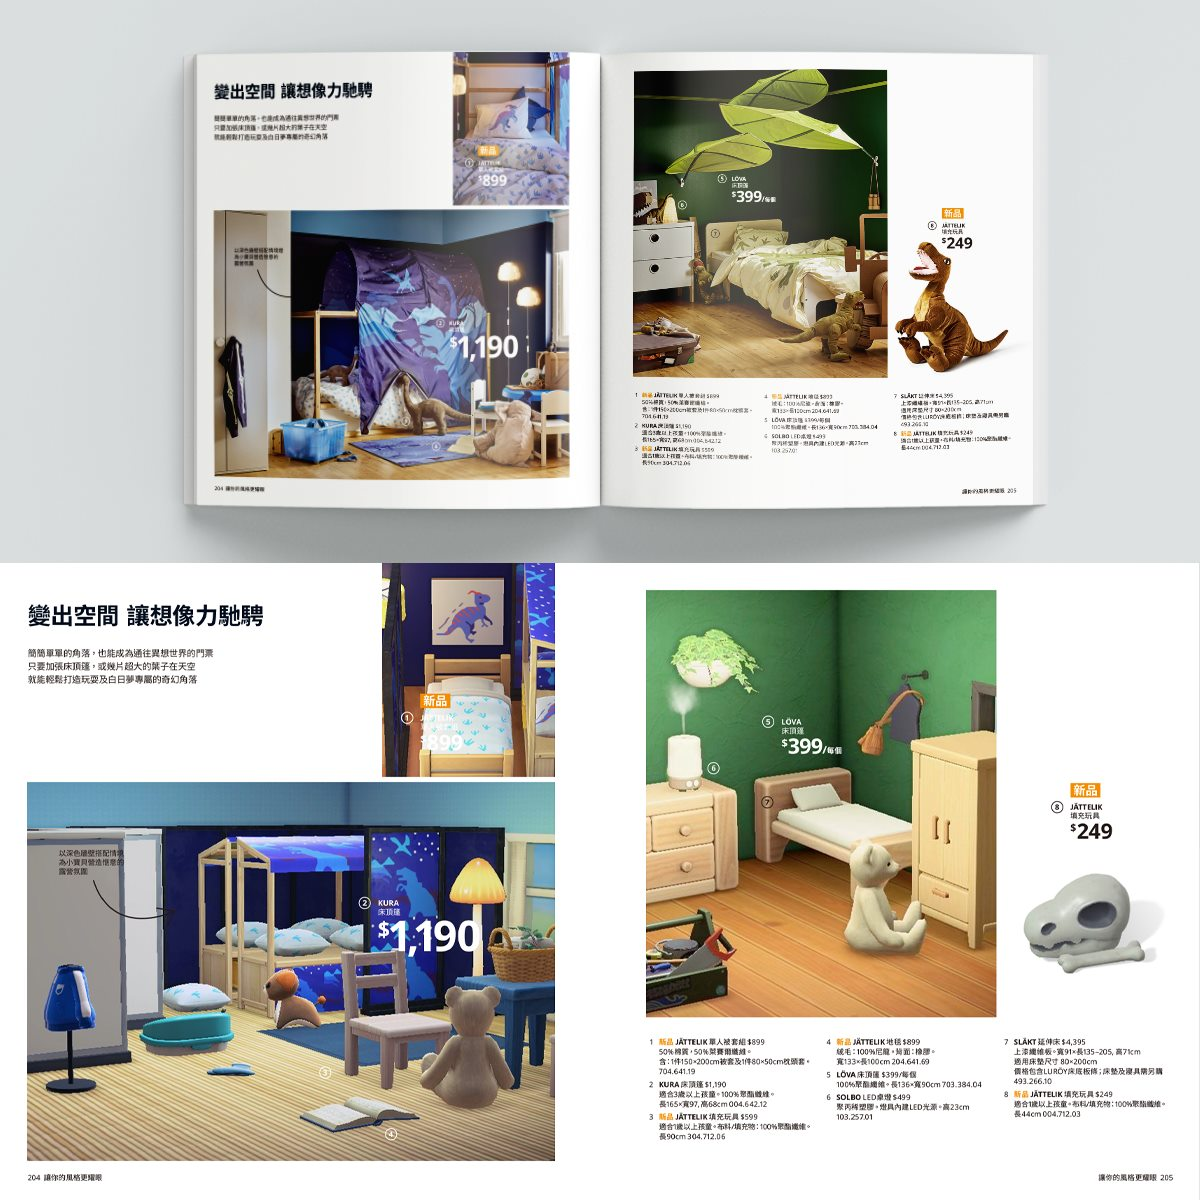 Lubicie katalogi IKEA i Animal Crossing? No to mam coś specjalnie dla Was!